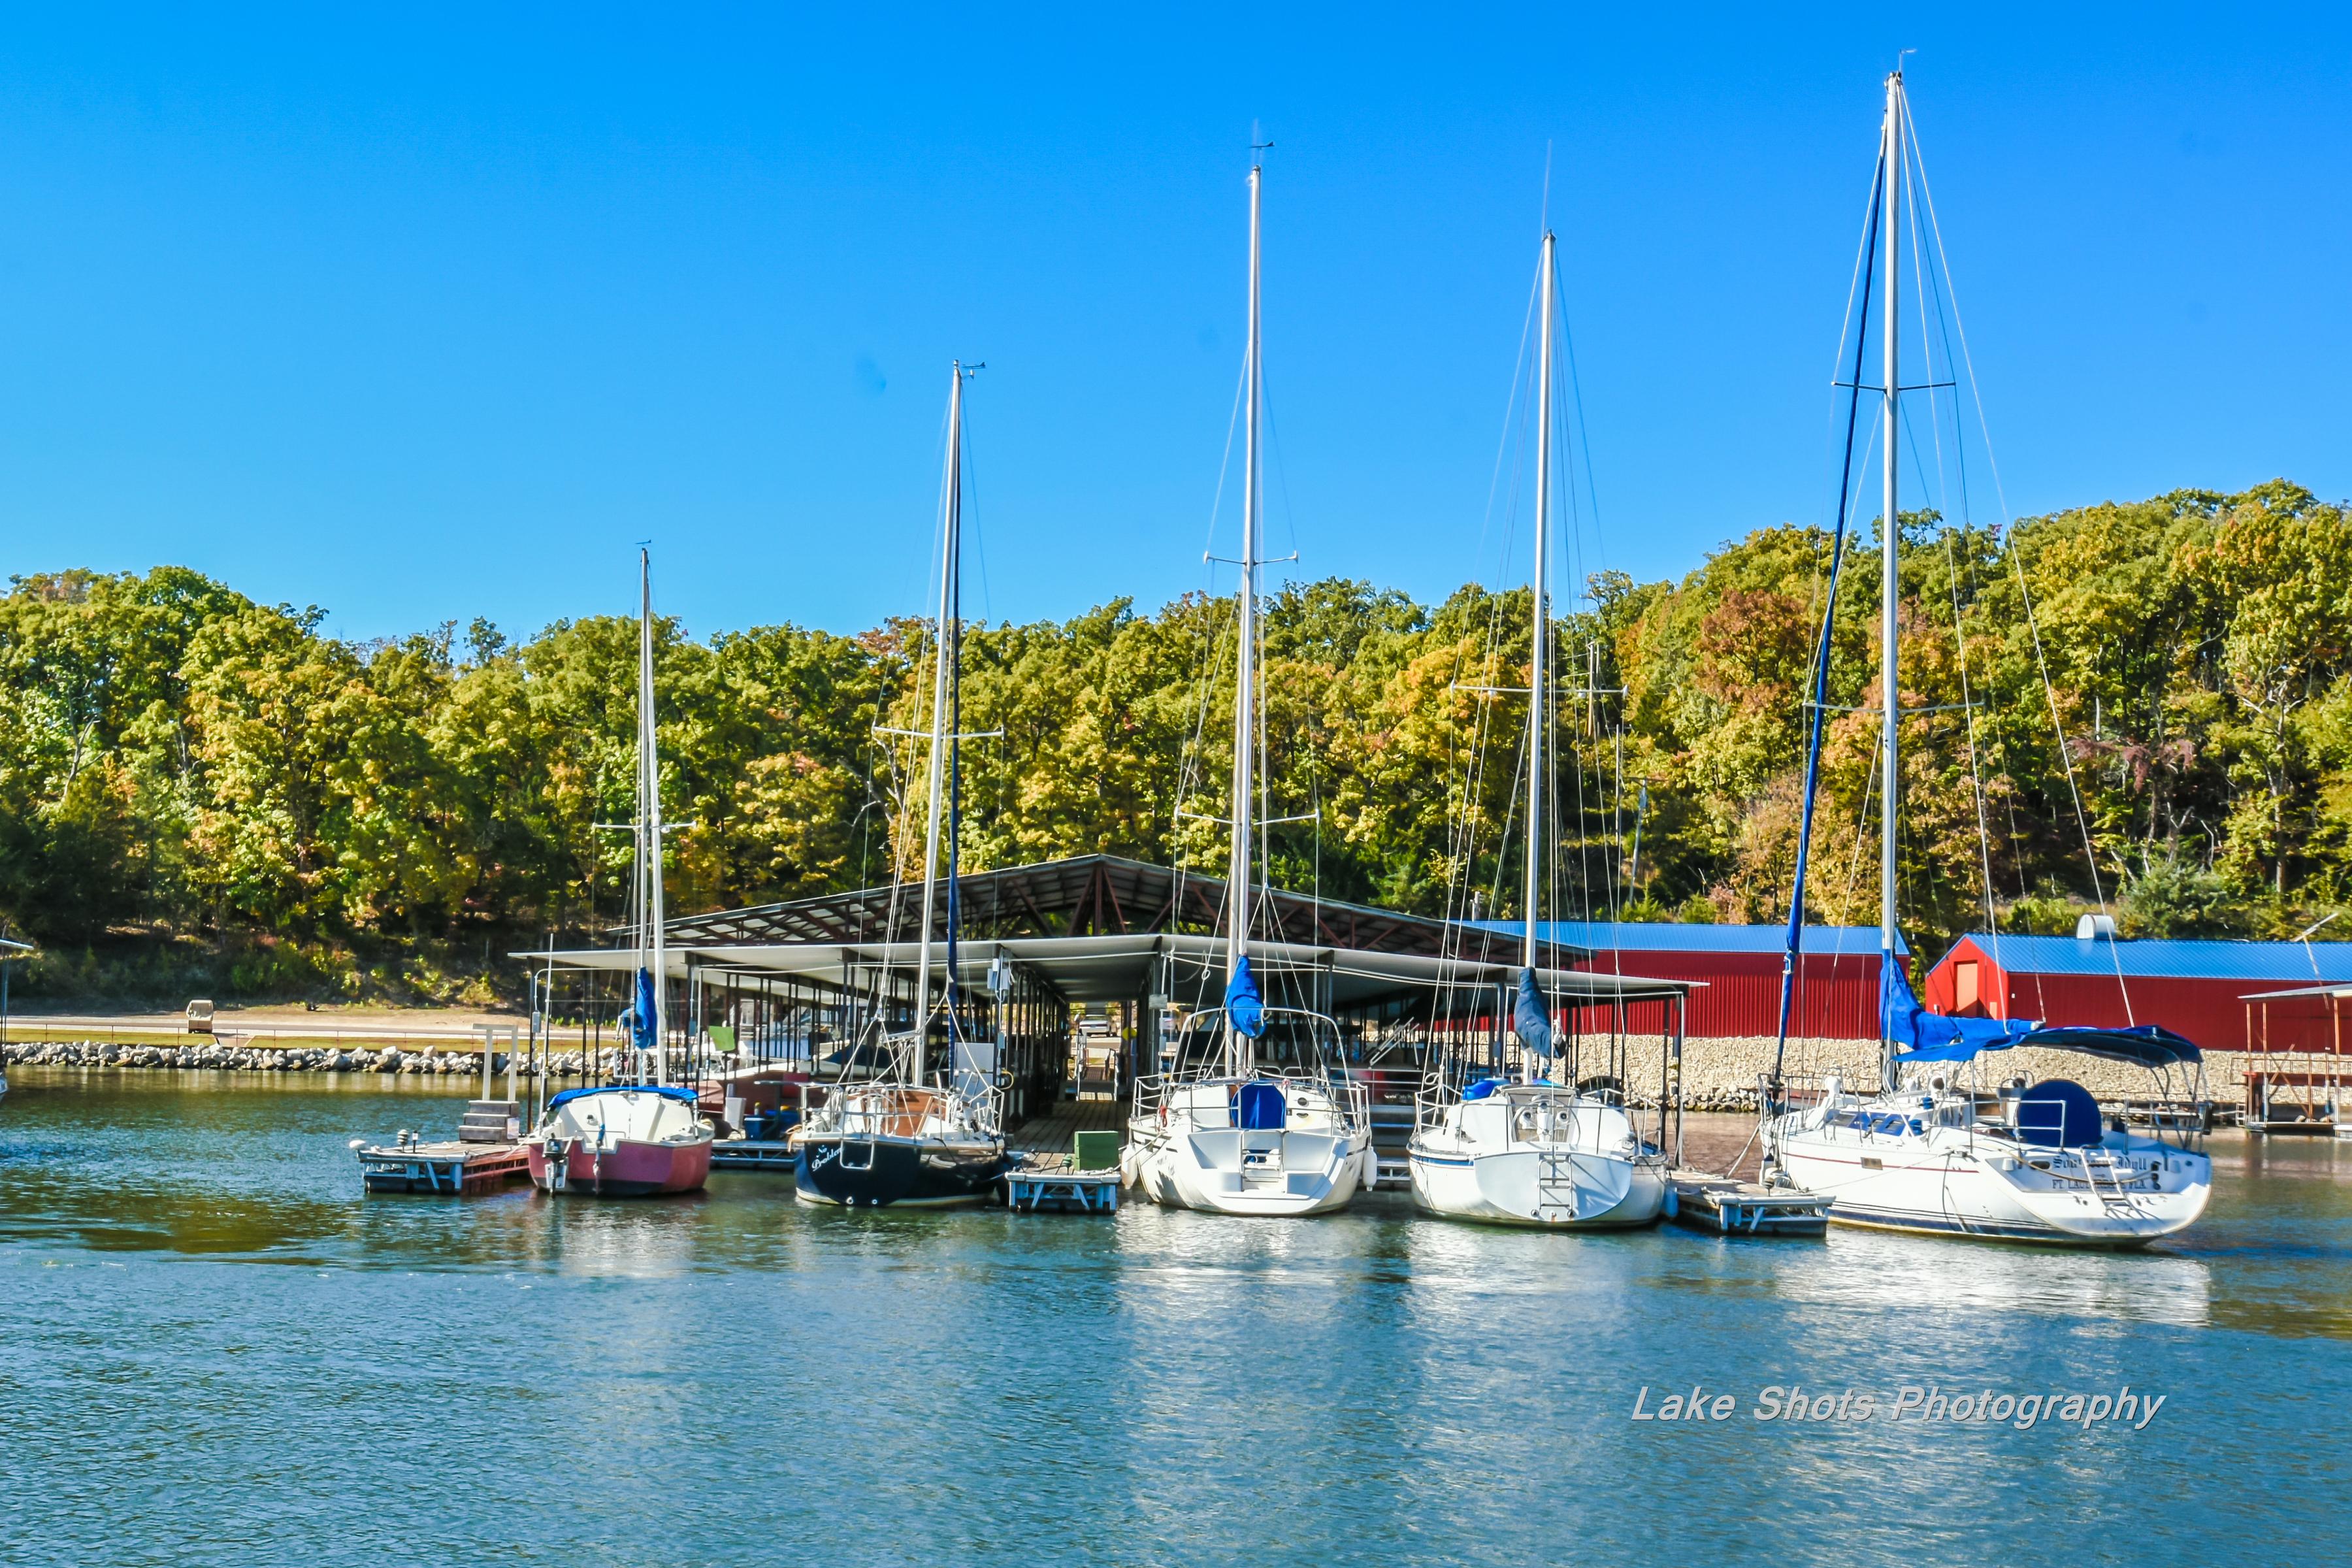 Millstone Marina Amp Rv Resort Shore Magazine Boating